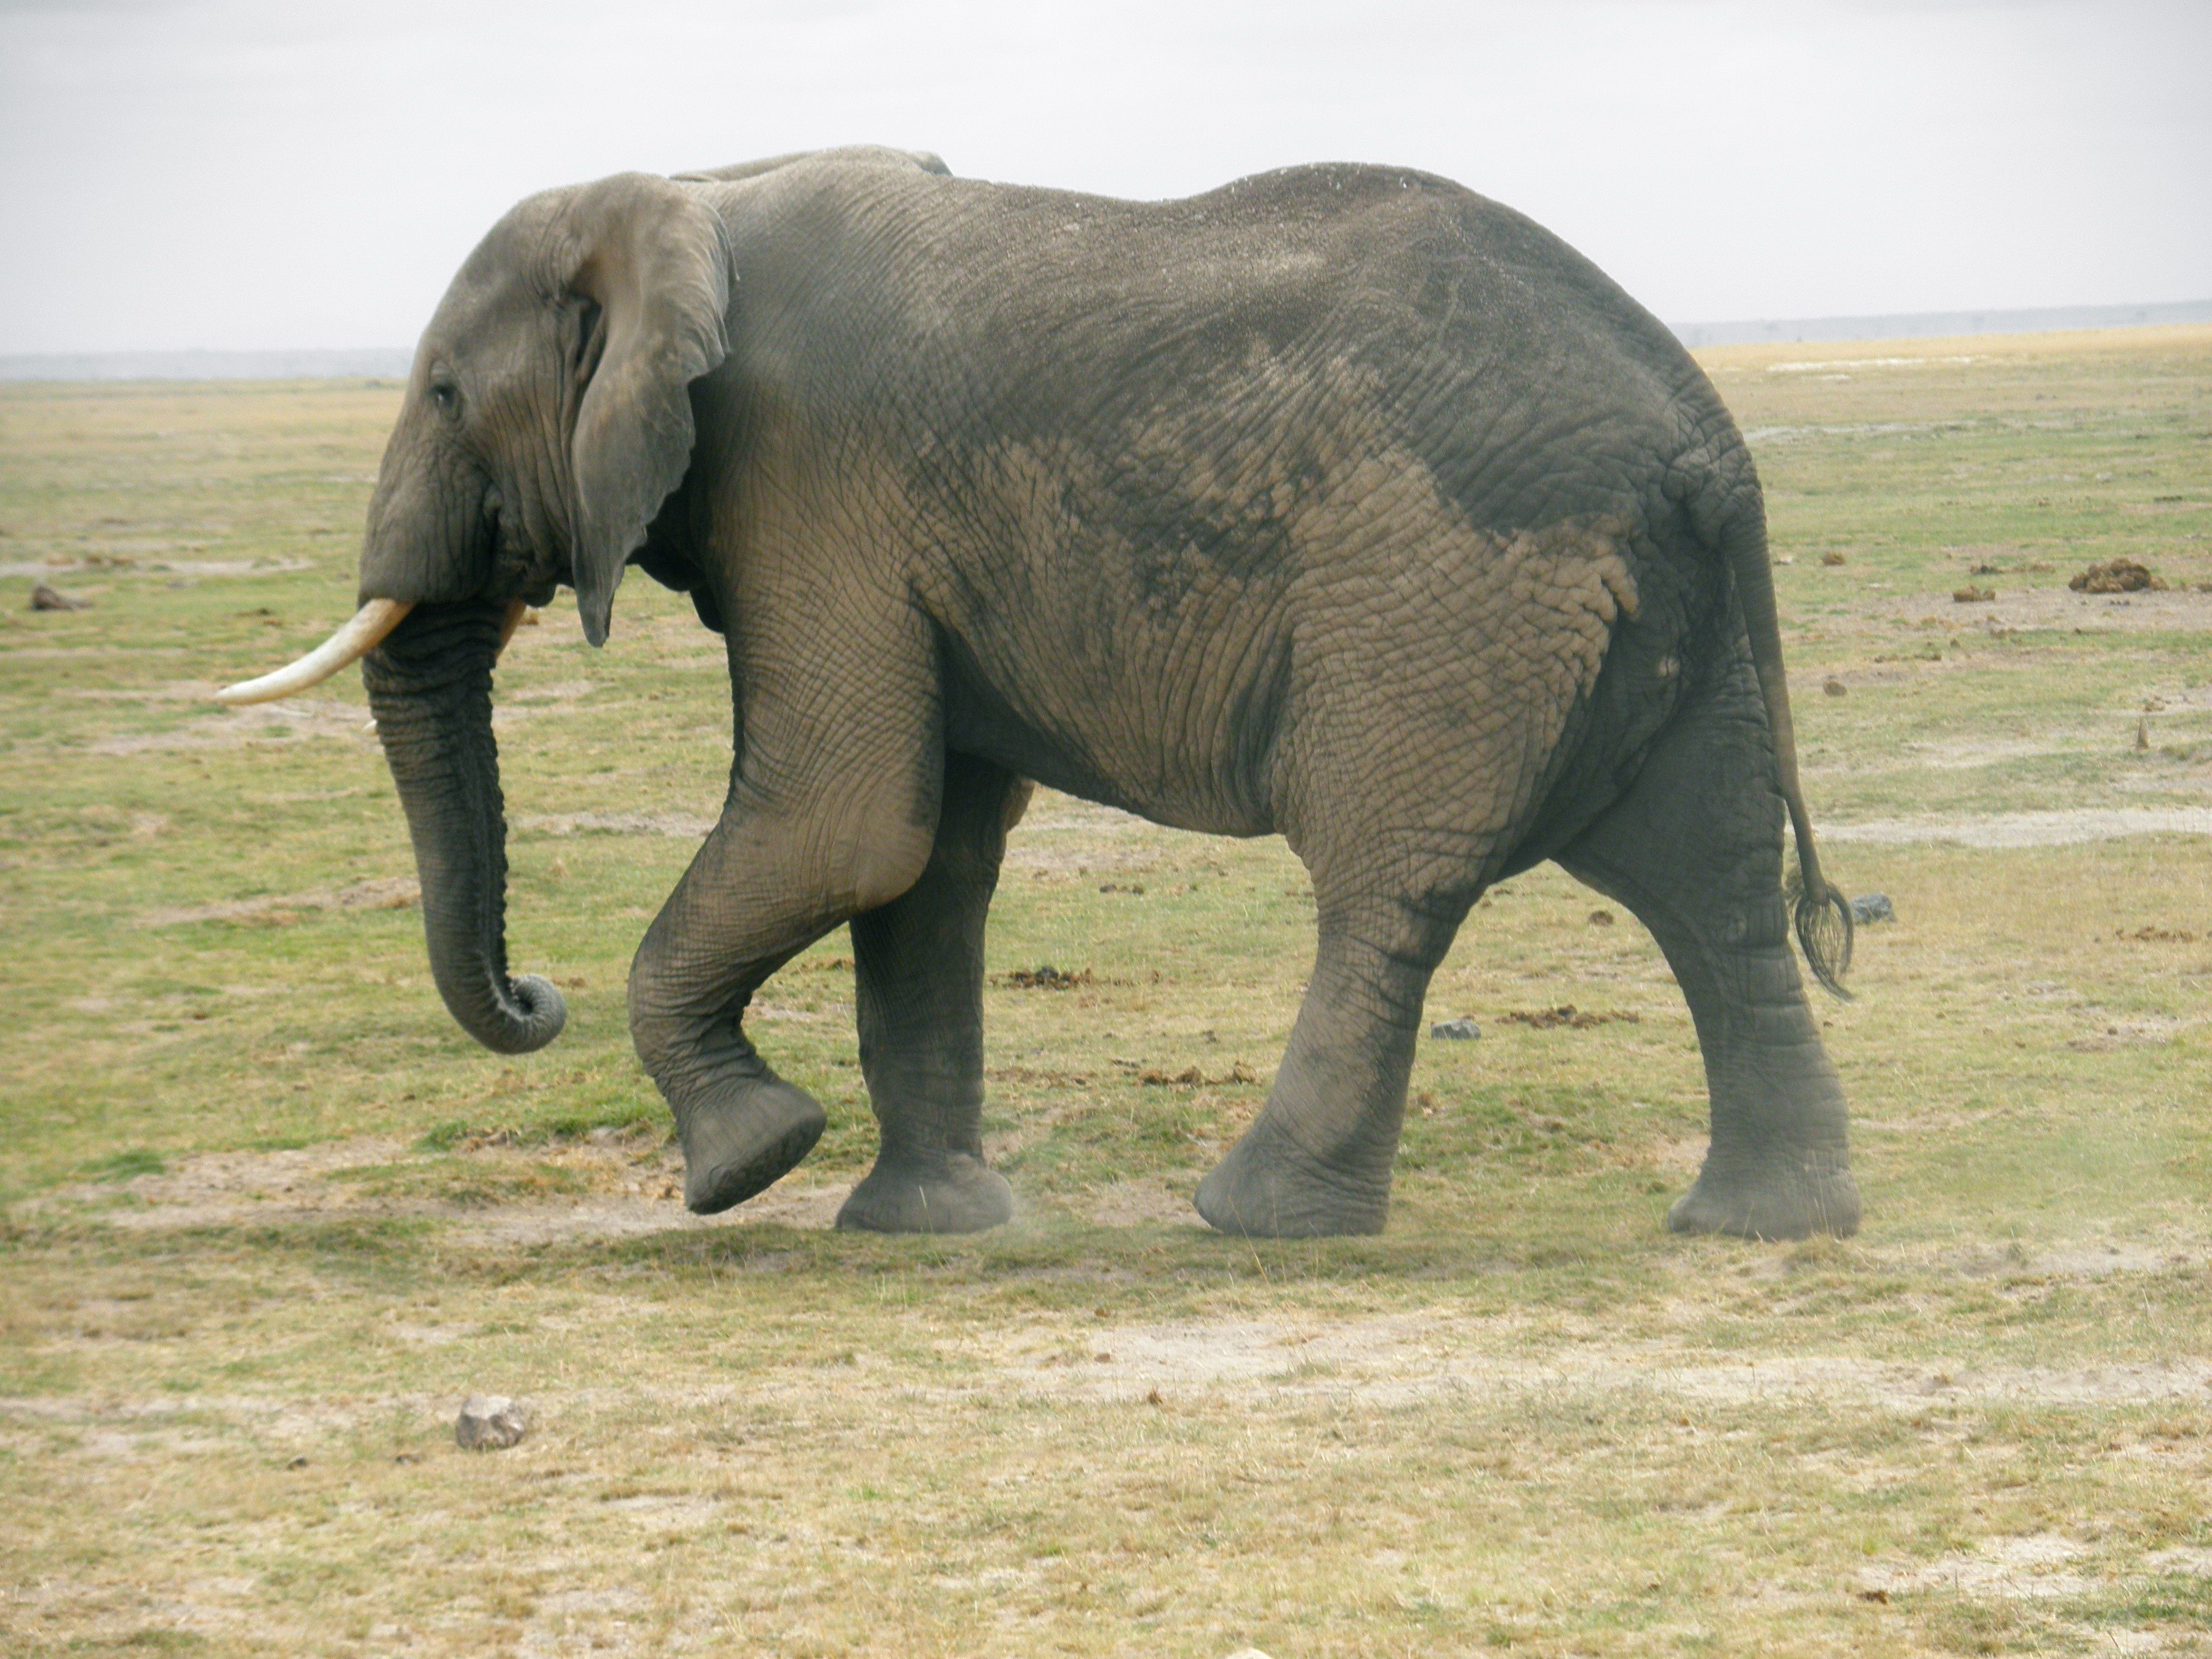 壁纸 大象 动物 3968_2976